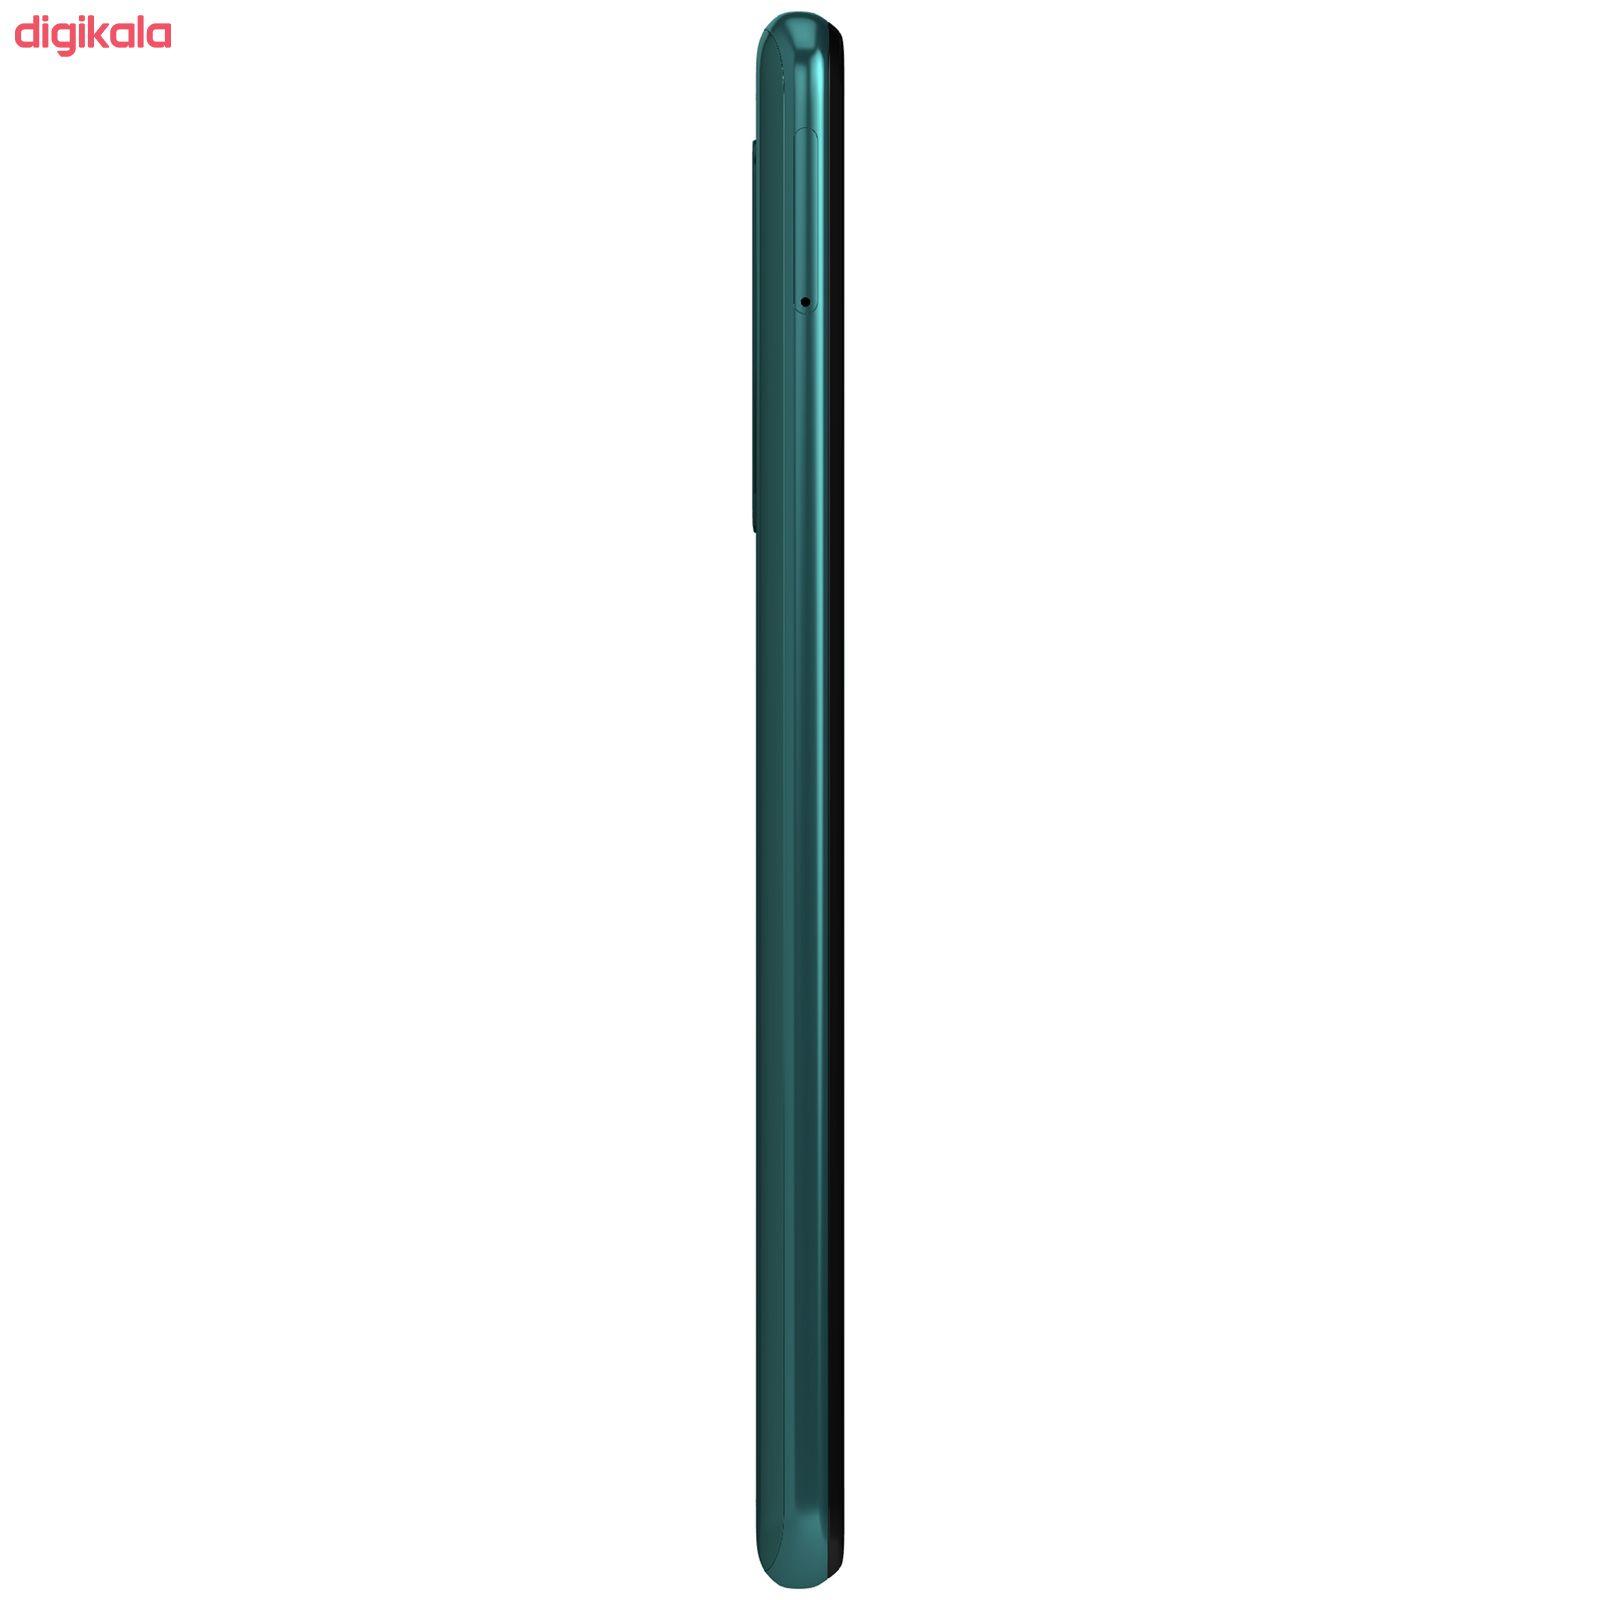 گوشی موبایل هوآوی مدل Y7a PPA-LX2 دو سیم کارت ظرفیت 128 گیگابایت و رم 4 گیگابایت